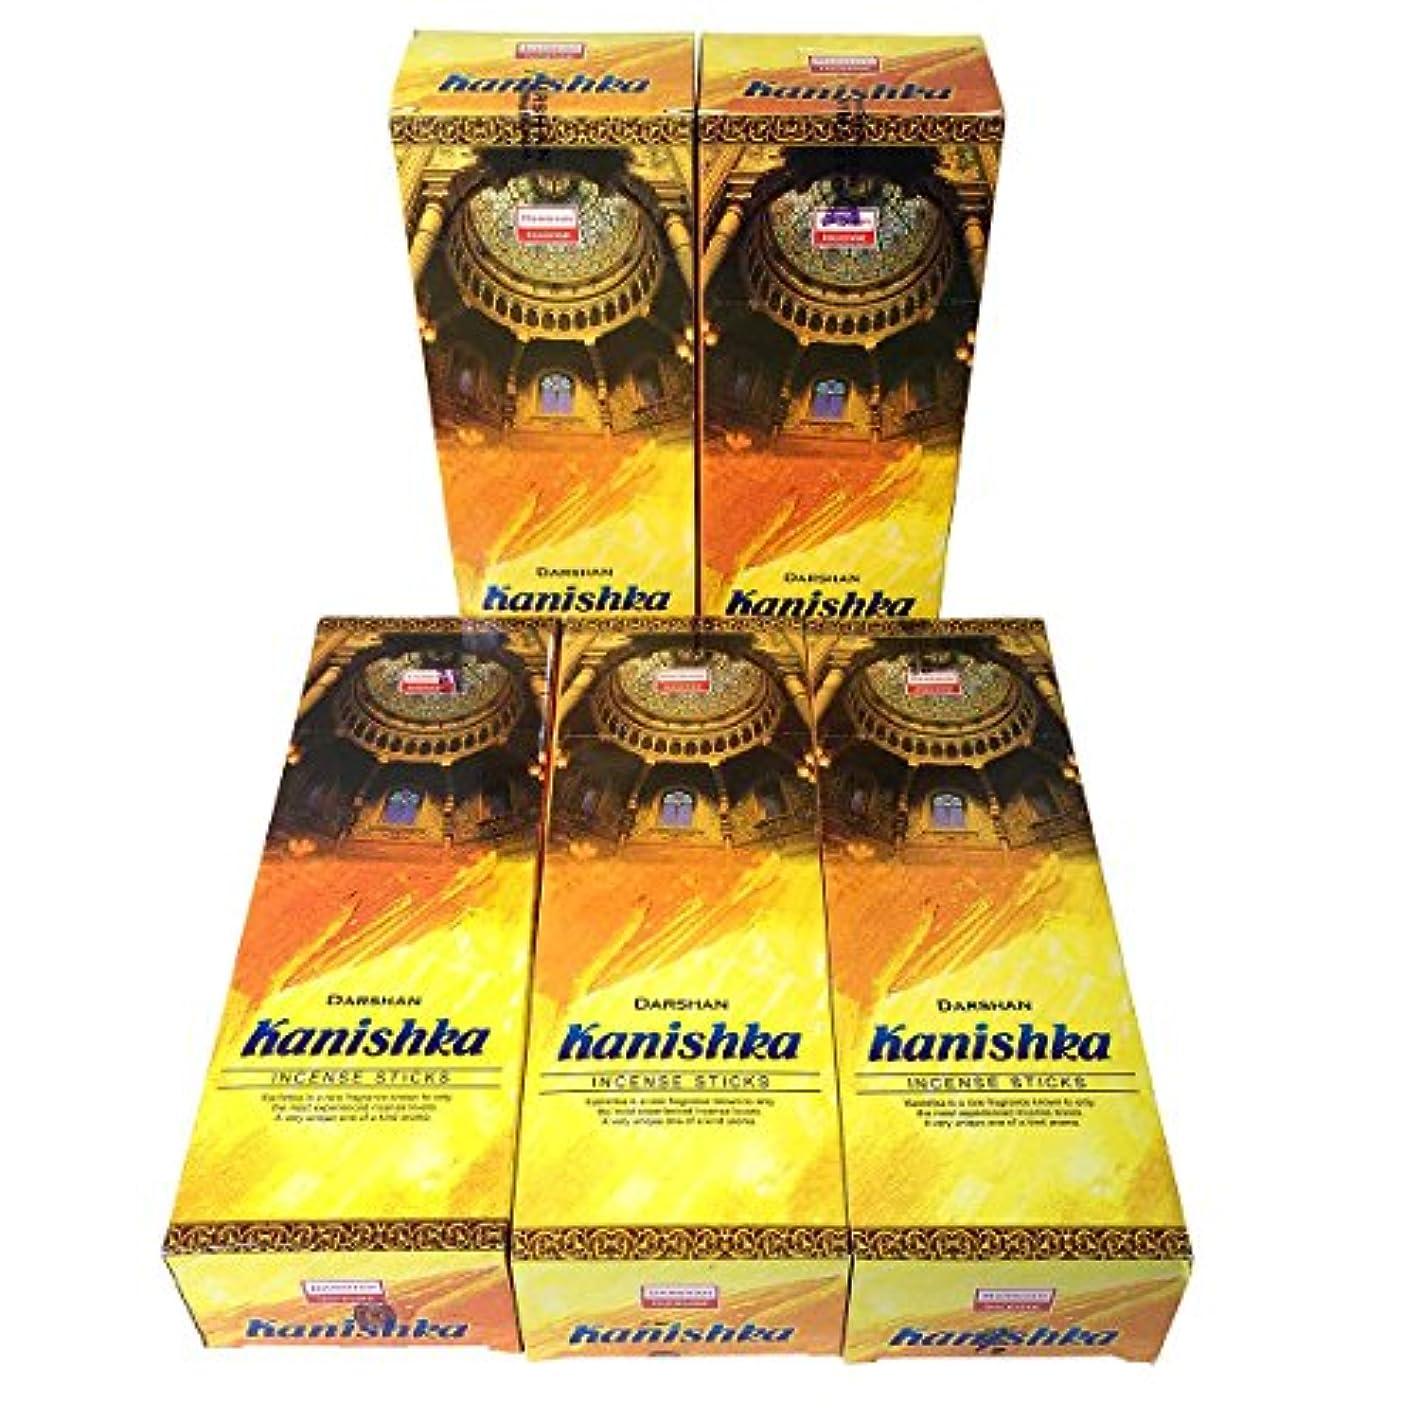 乗算用心する熟読するカニシュカ香スティック 5BOX(30箱)/DARSHAN KANISHKA/ インド香 / 送料無料 [並行輸入品]